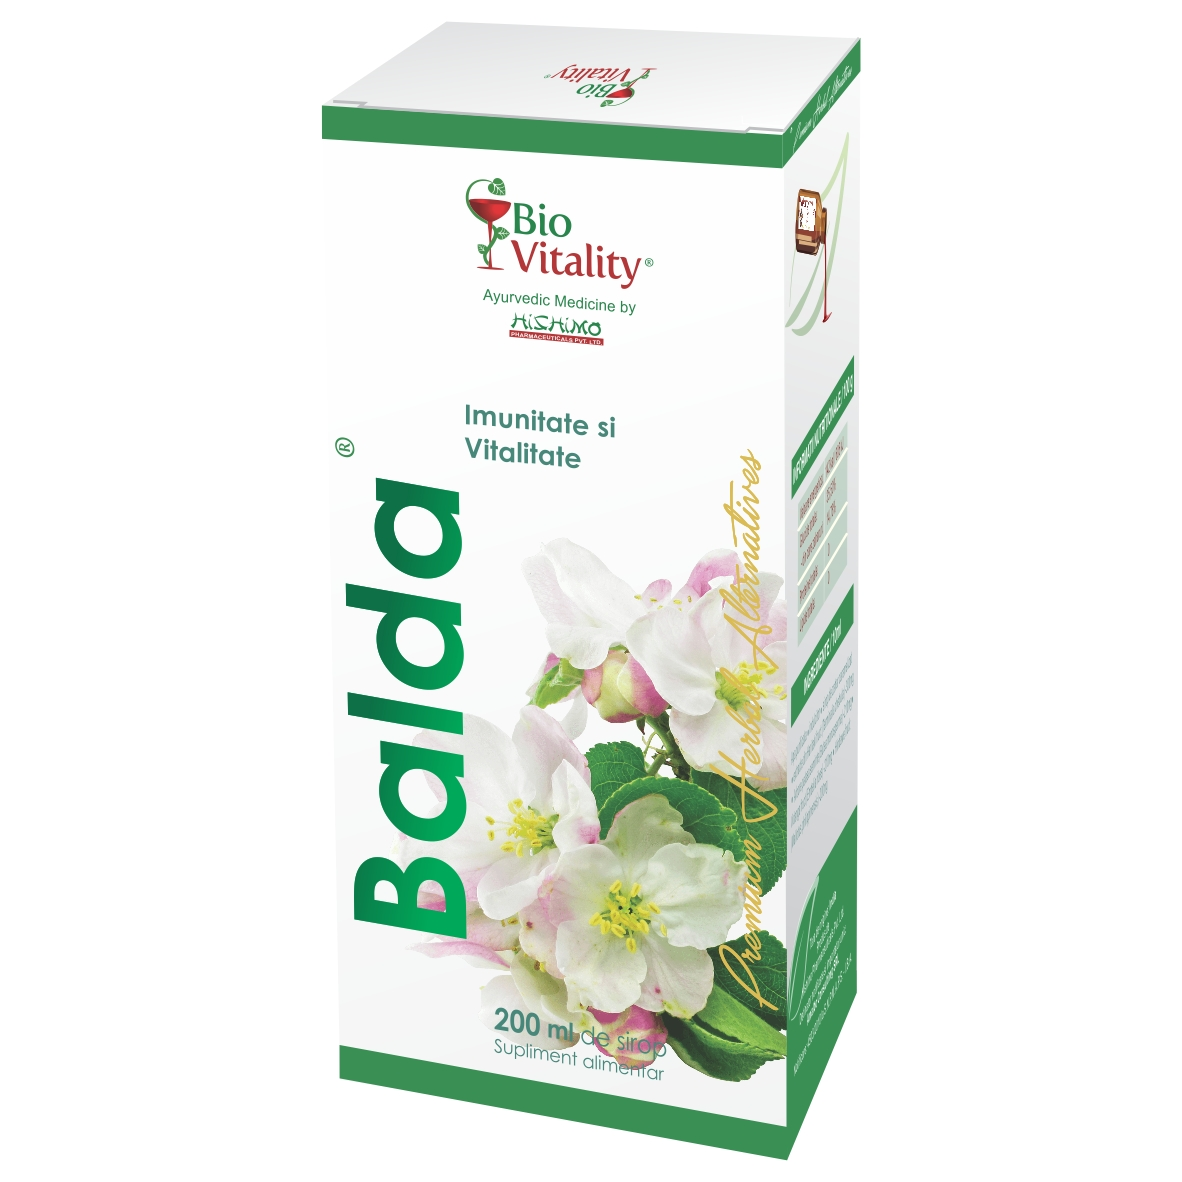 Balda Sirop, 200 ml, Bio Vitality